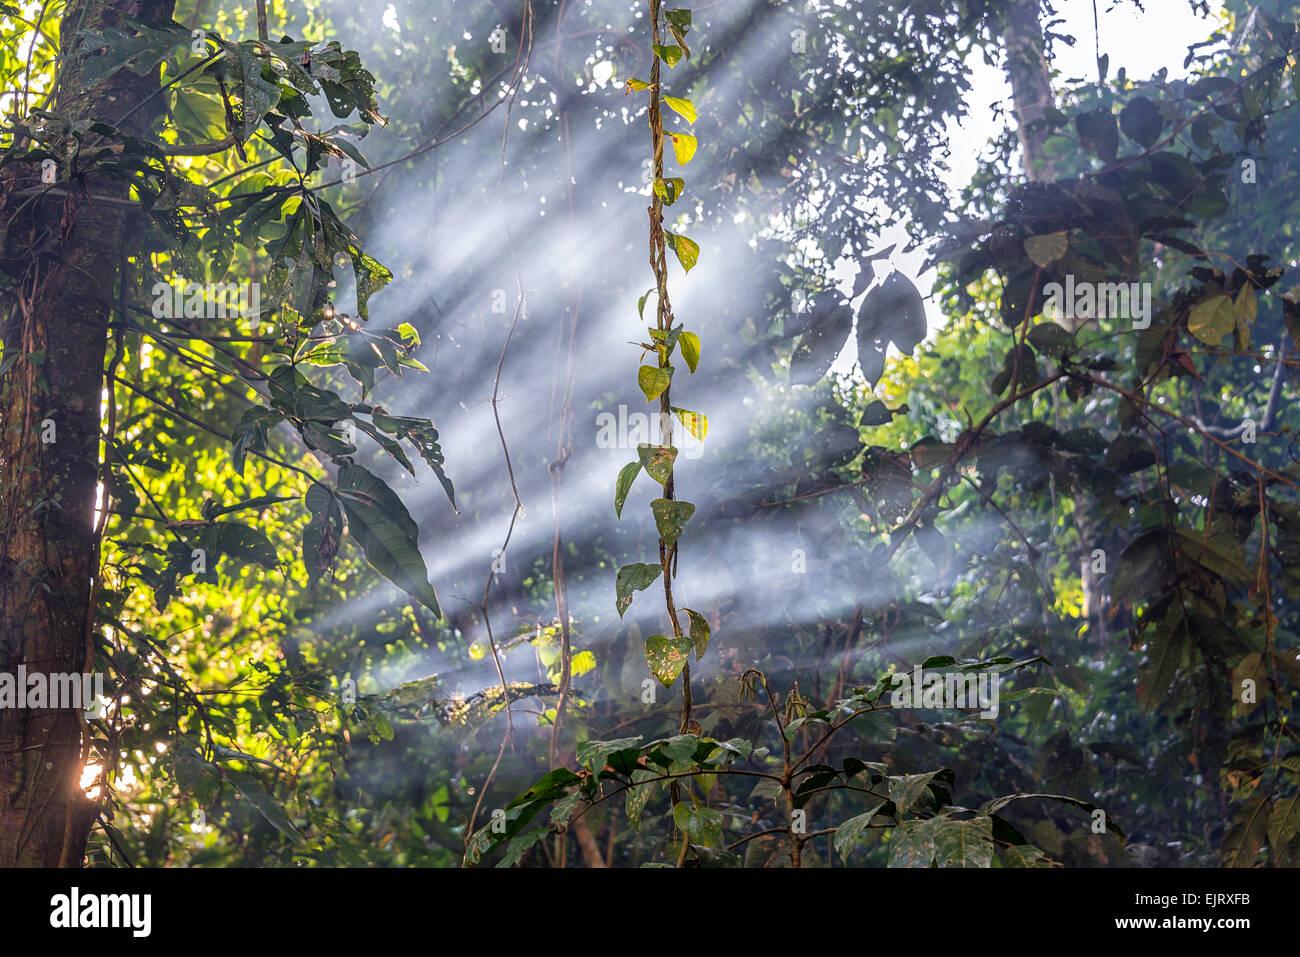 Los haces de como pasar a través de humo en el bosque lluvioso del Amazonas cerca de Iquitos, Perú Imagen De Stock